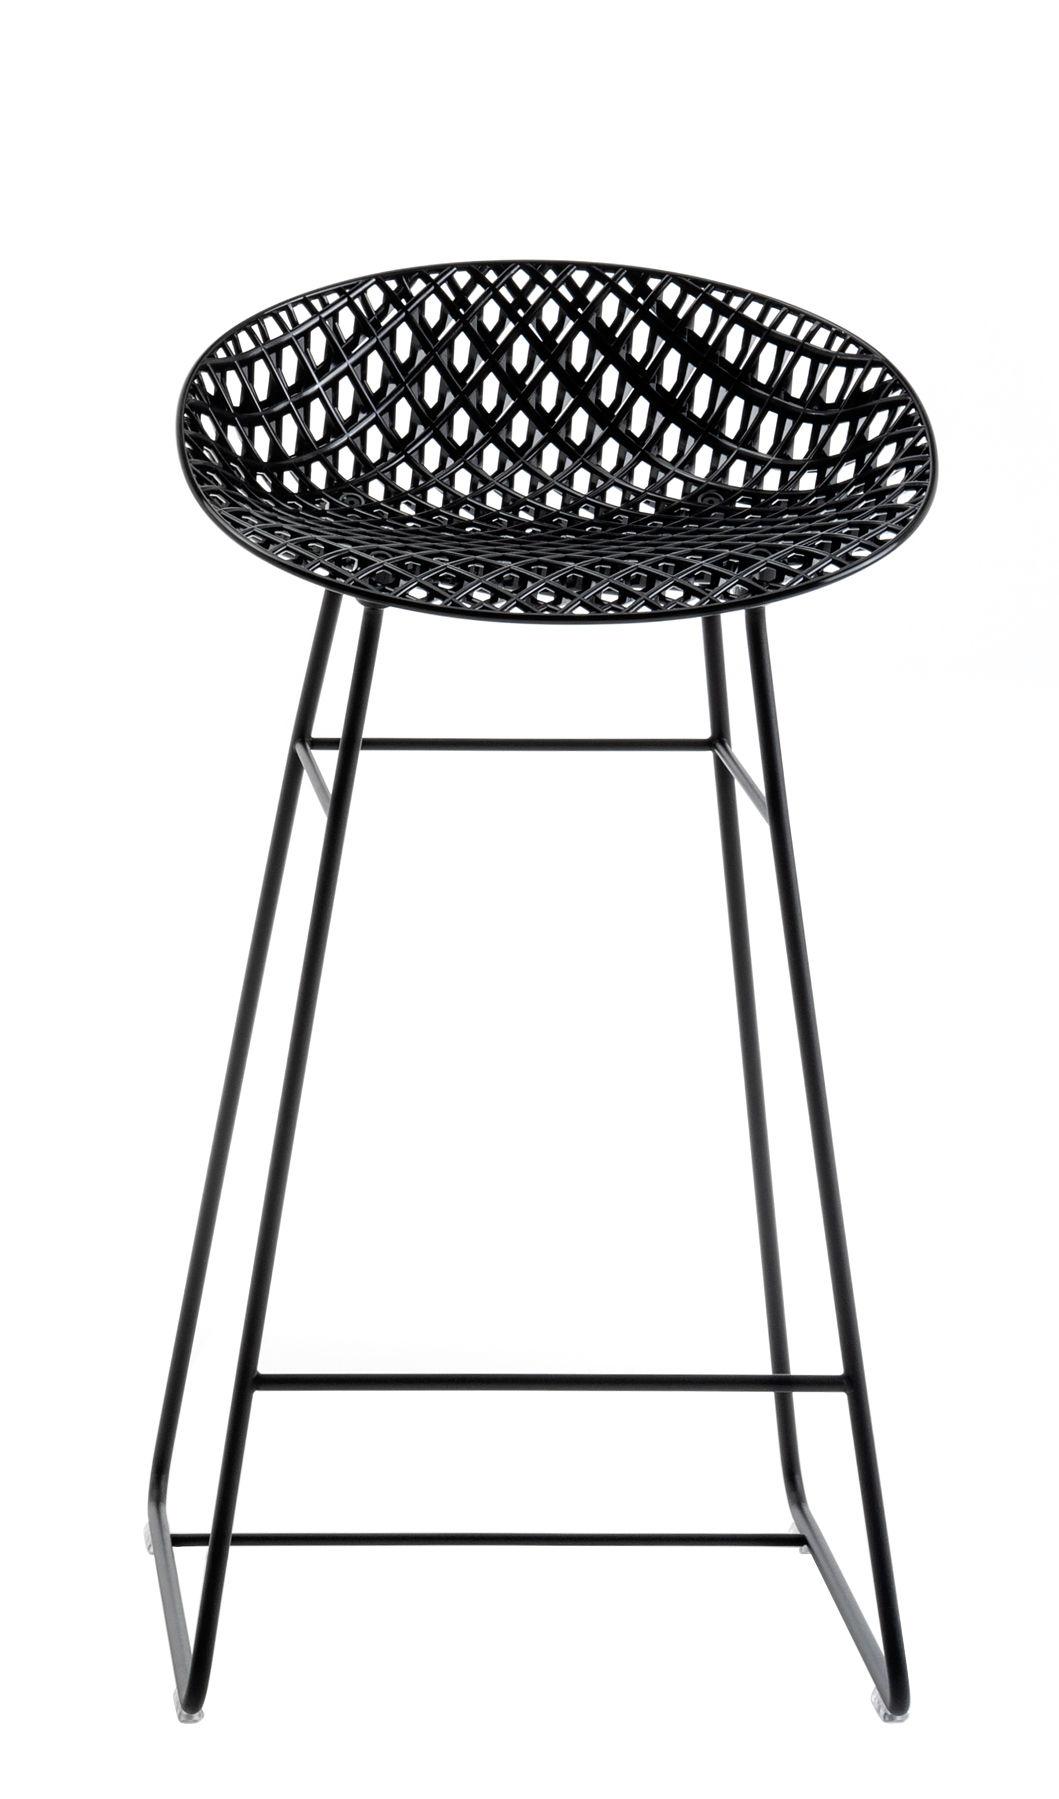 Arredamento - Sgabelli da bar  - Sgabello alto Smatrik - / Outdoor - H 65 cm di Kartell - Nero - Acciaio inossidabile laccato, policarbonato